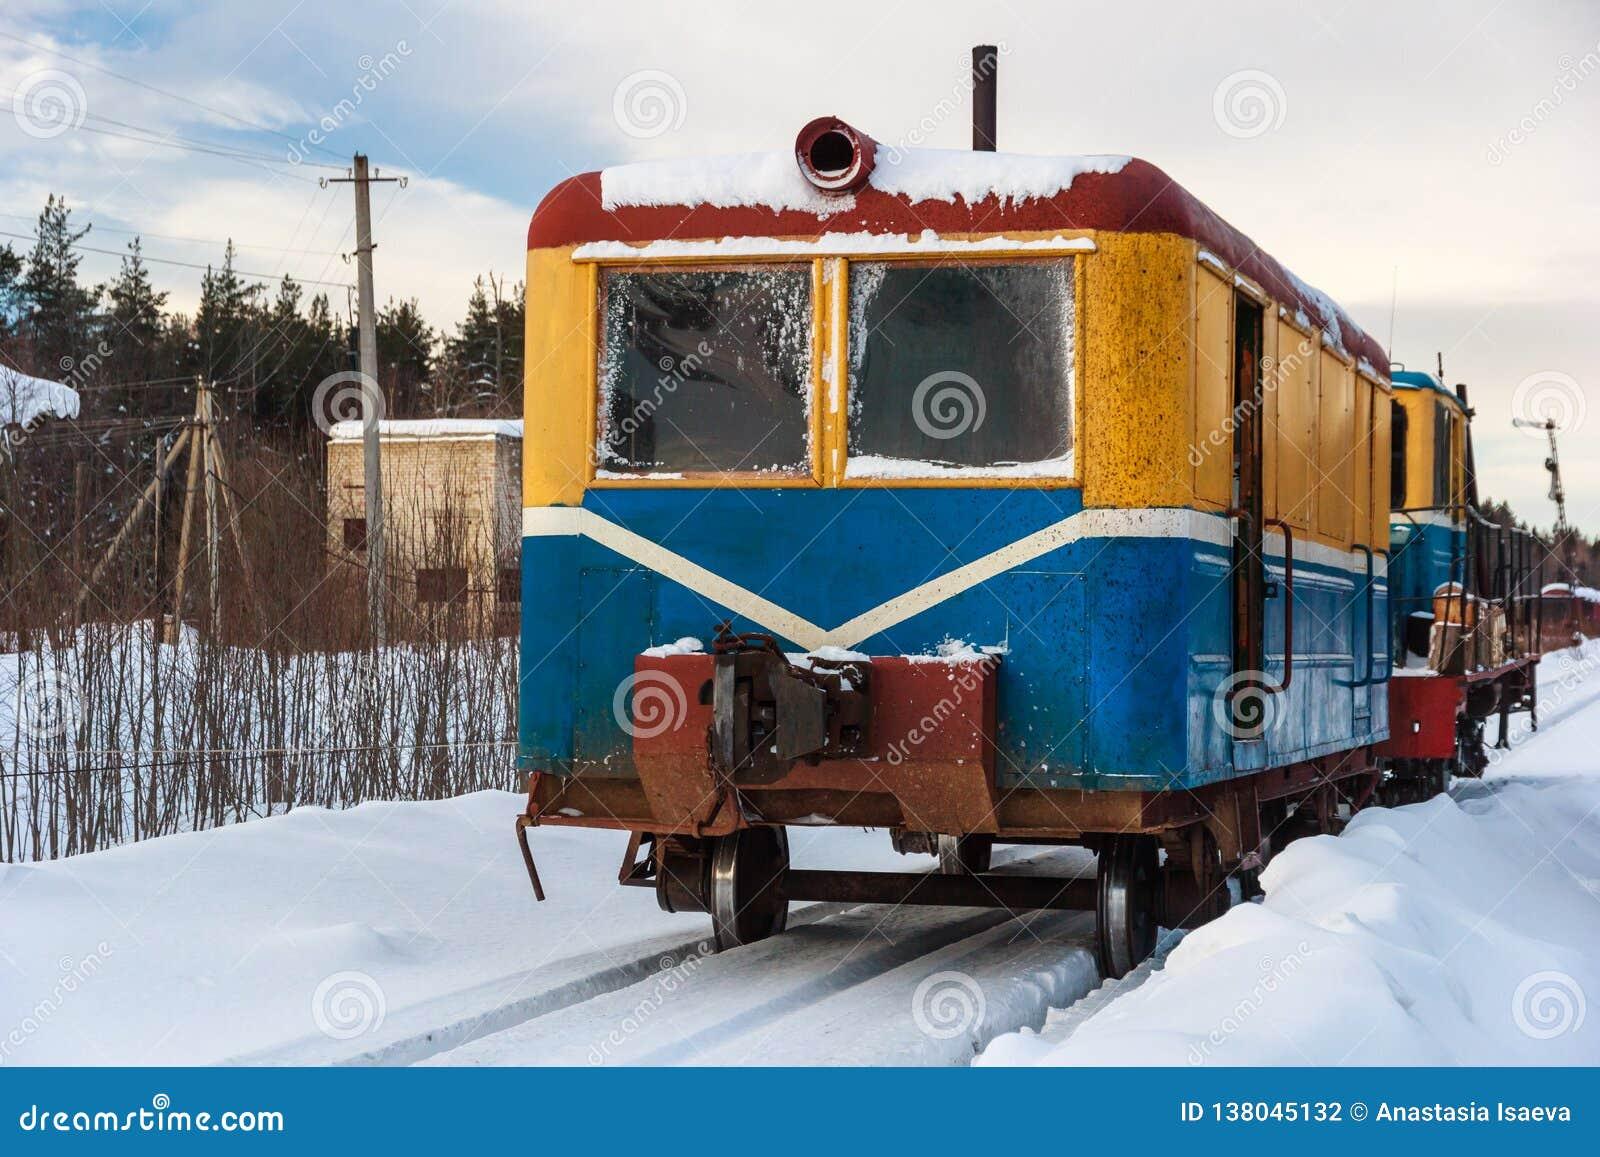 Monza järnväg medel i den Soligalich staden